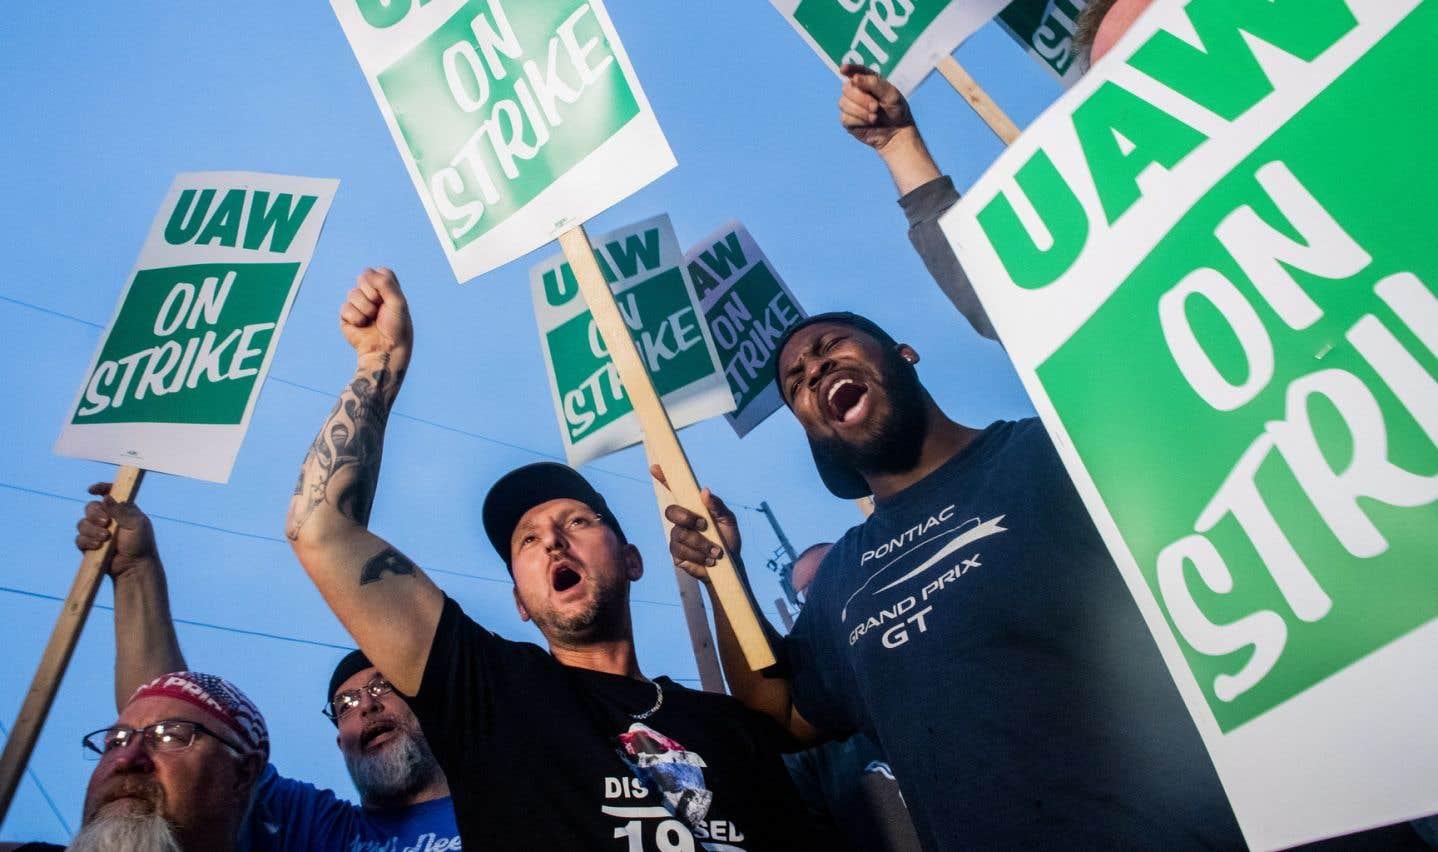 Près de 50000 employés américains de General Motors (GM) ont fait la grève en raison d'une impasse au sujet de leurs négociations salariales. Le porte-parole du syndicat automobile United Auto Workers, Brian Rothenberg, a expliqué à l'AFP que la grève «va probablement durer». Il s'agit du premier mouvement social chez GM depuis 2007.